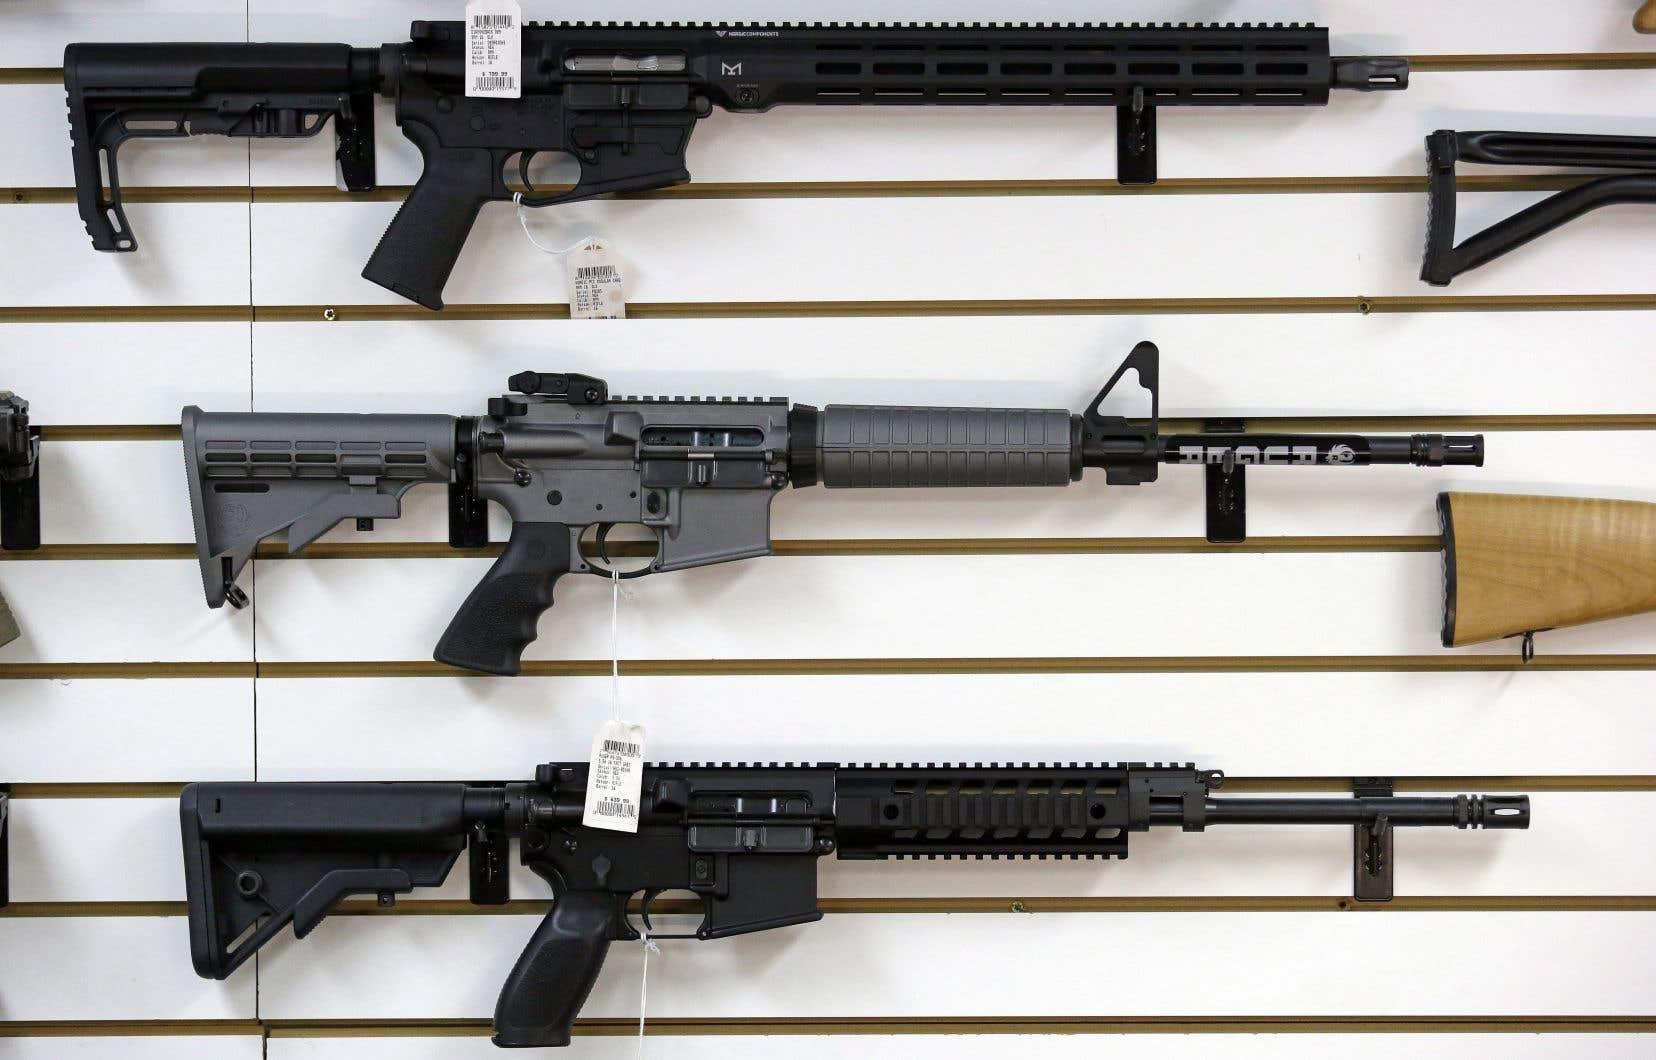 Les propriétaires qui avaient acheté les types d'arme visés en toute légalité pourront les remettre aux autorités au prix du marché.